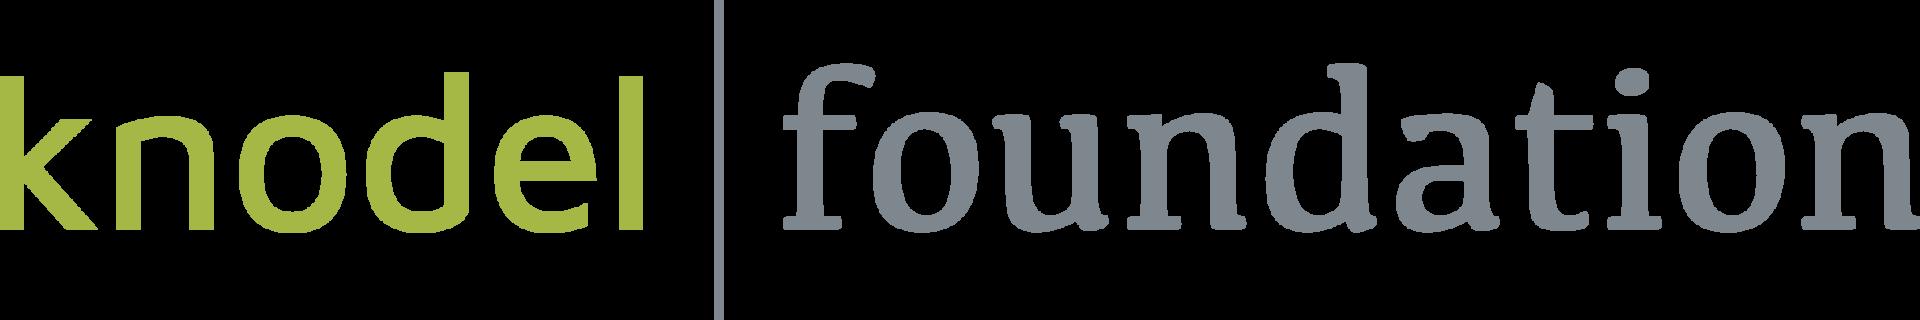 knodel foundation logo